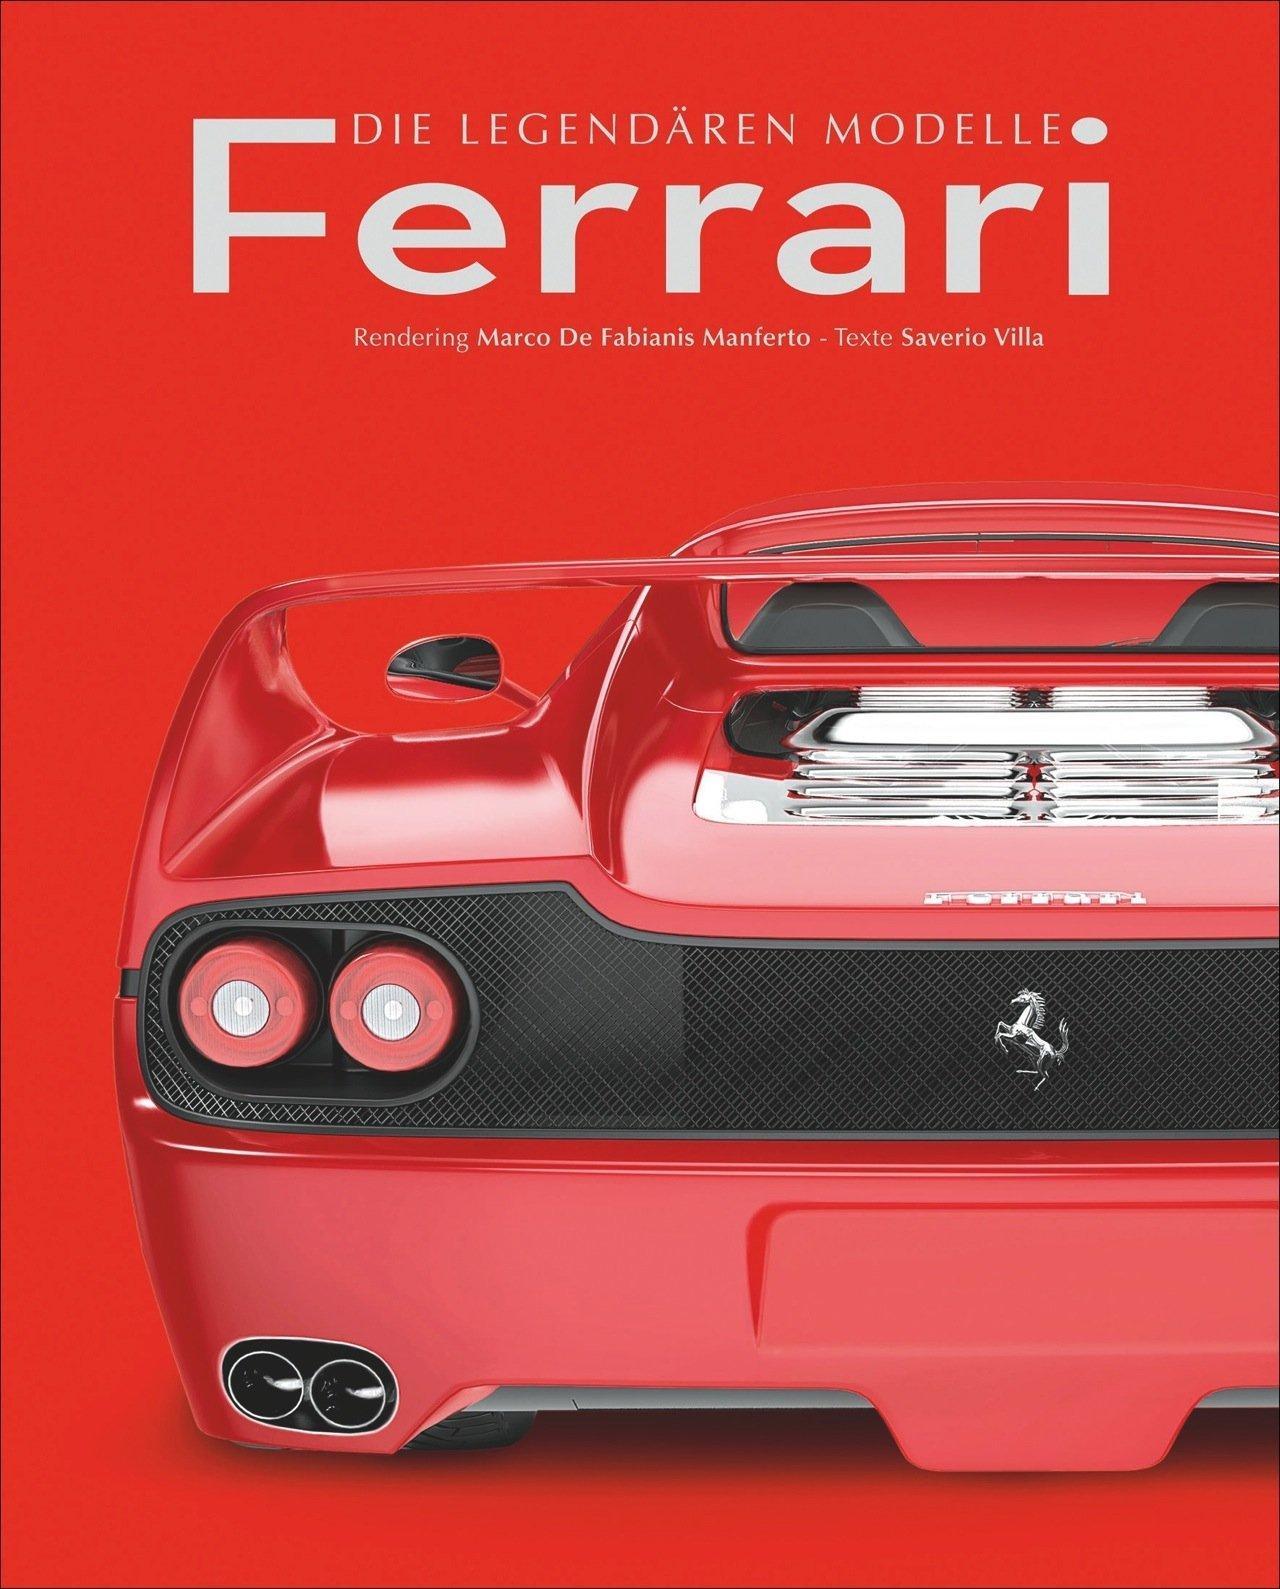 Ferrari: Die legendären Modelle vom Ferrari 166 MM bis zum Ferrari 458 Speciale.